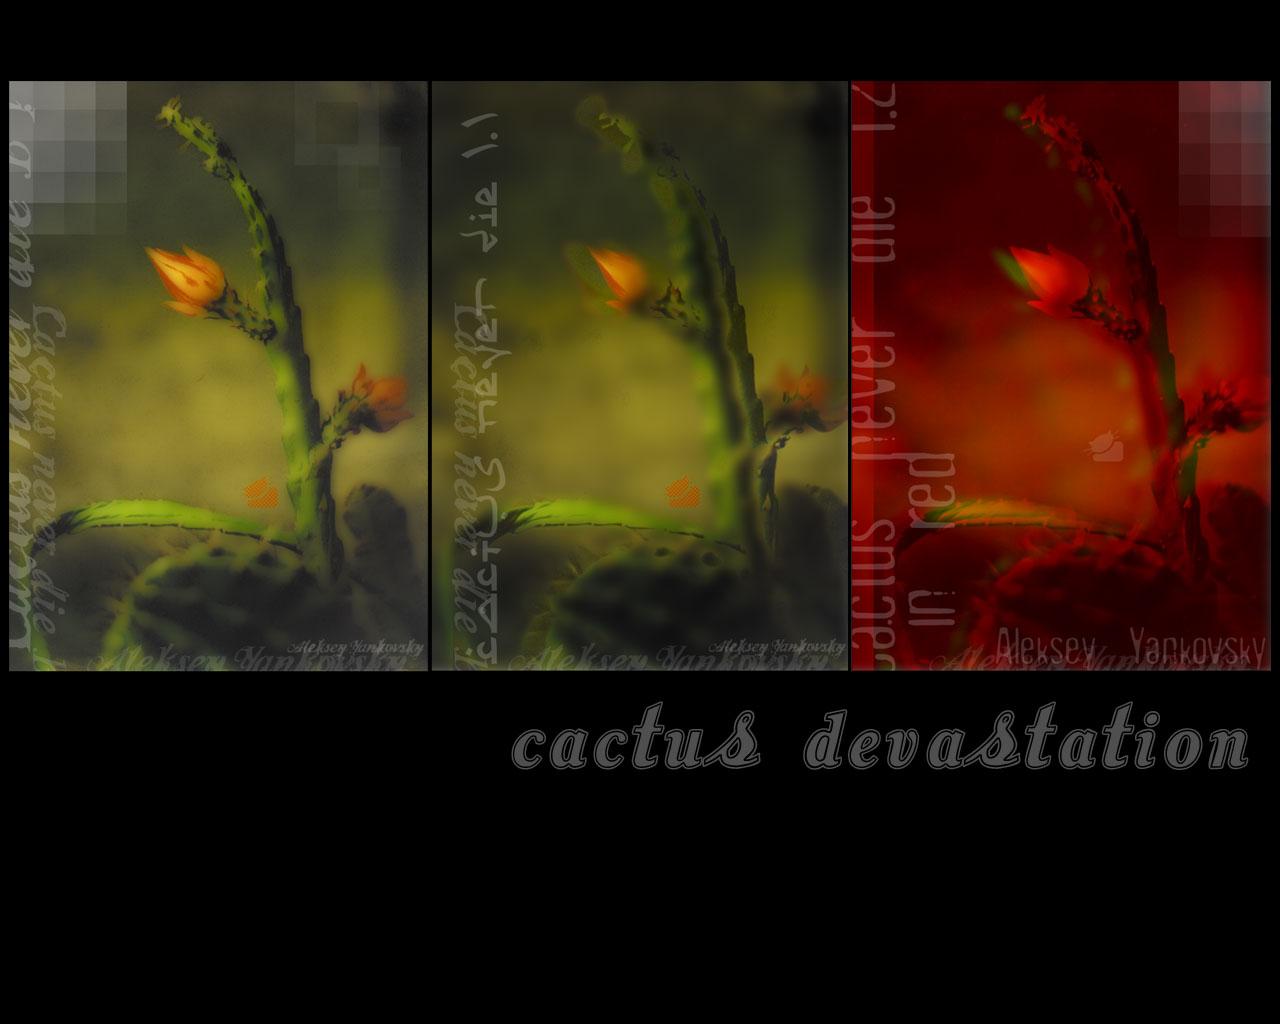 Cactus Devastation